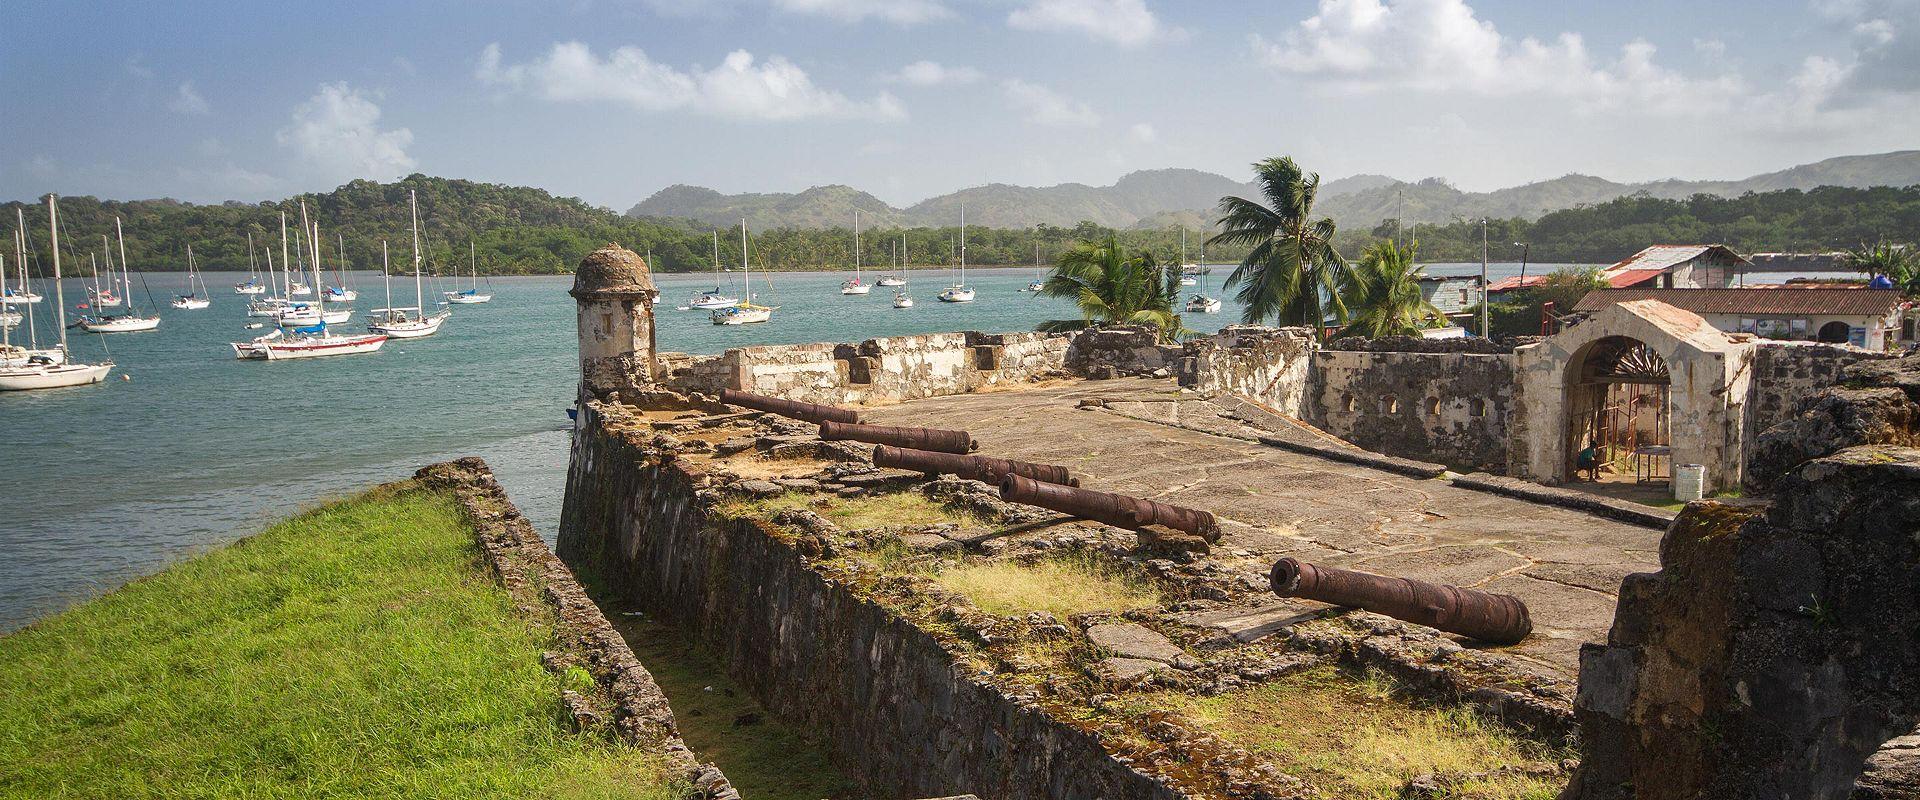 南カリブ海・パナマ運河クルーズ 11泊12日